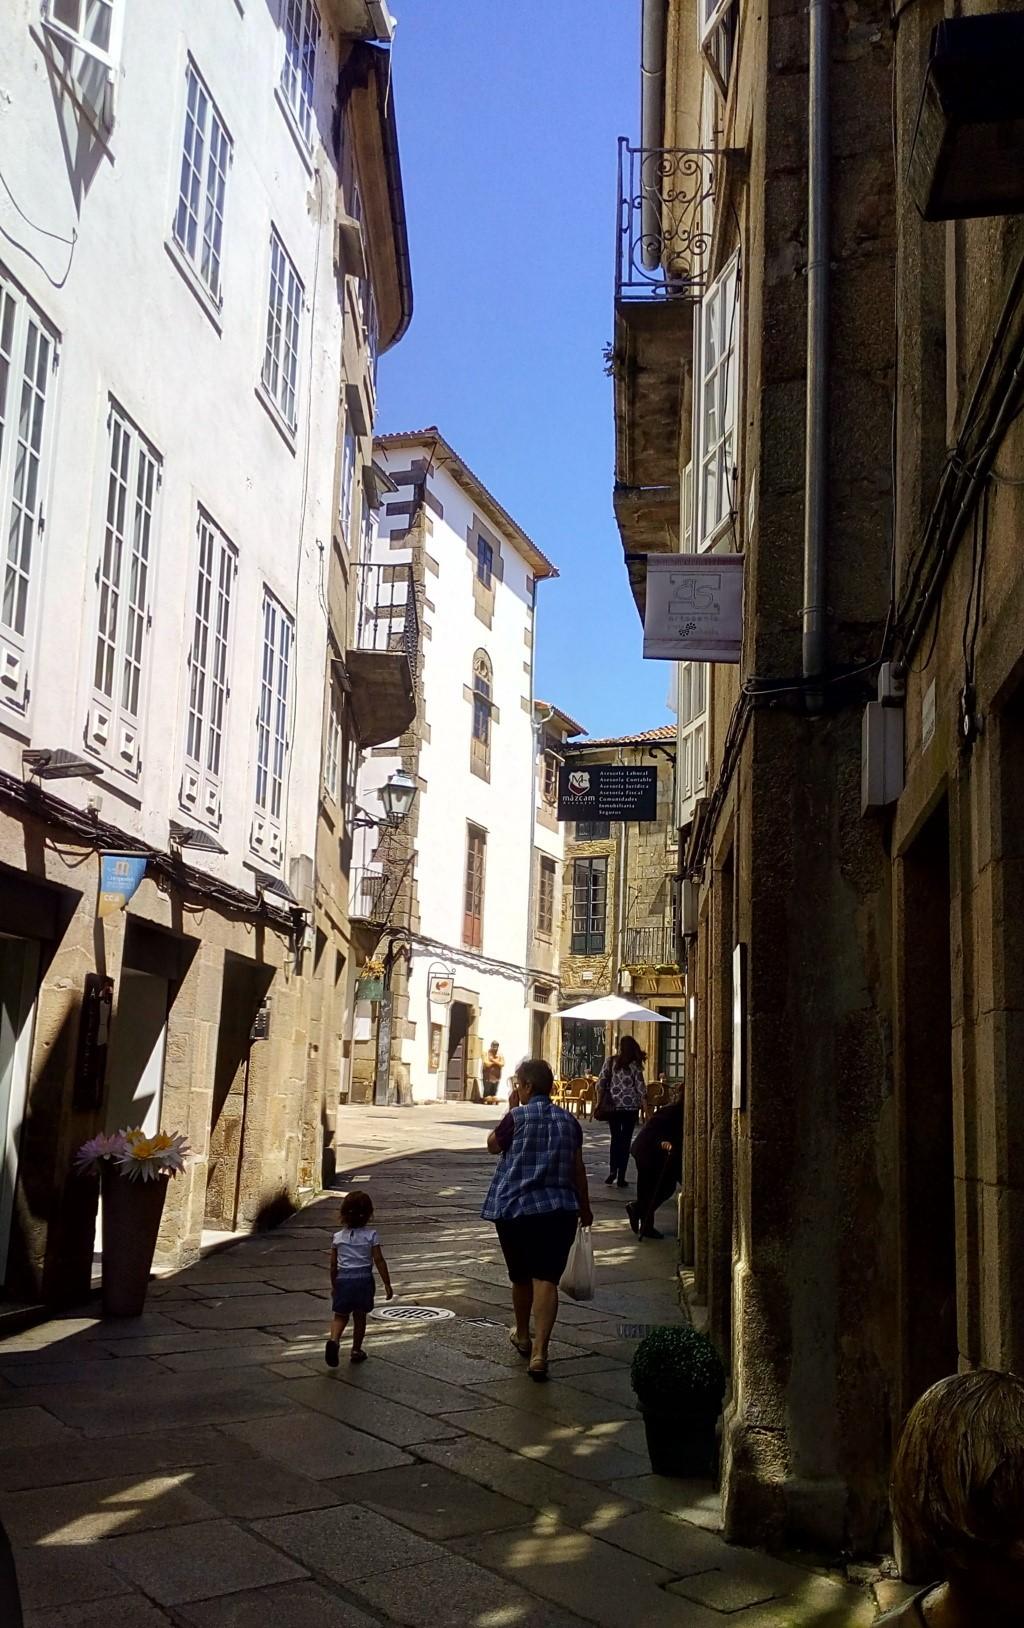 Foto 3 - A la izquierda, entrada a rúa San Miguel